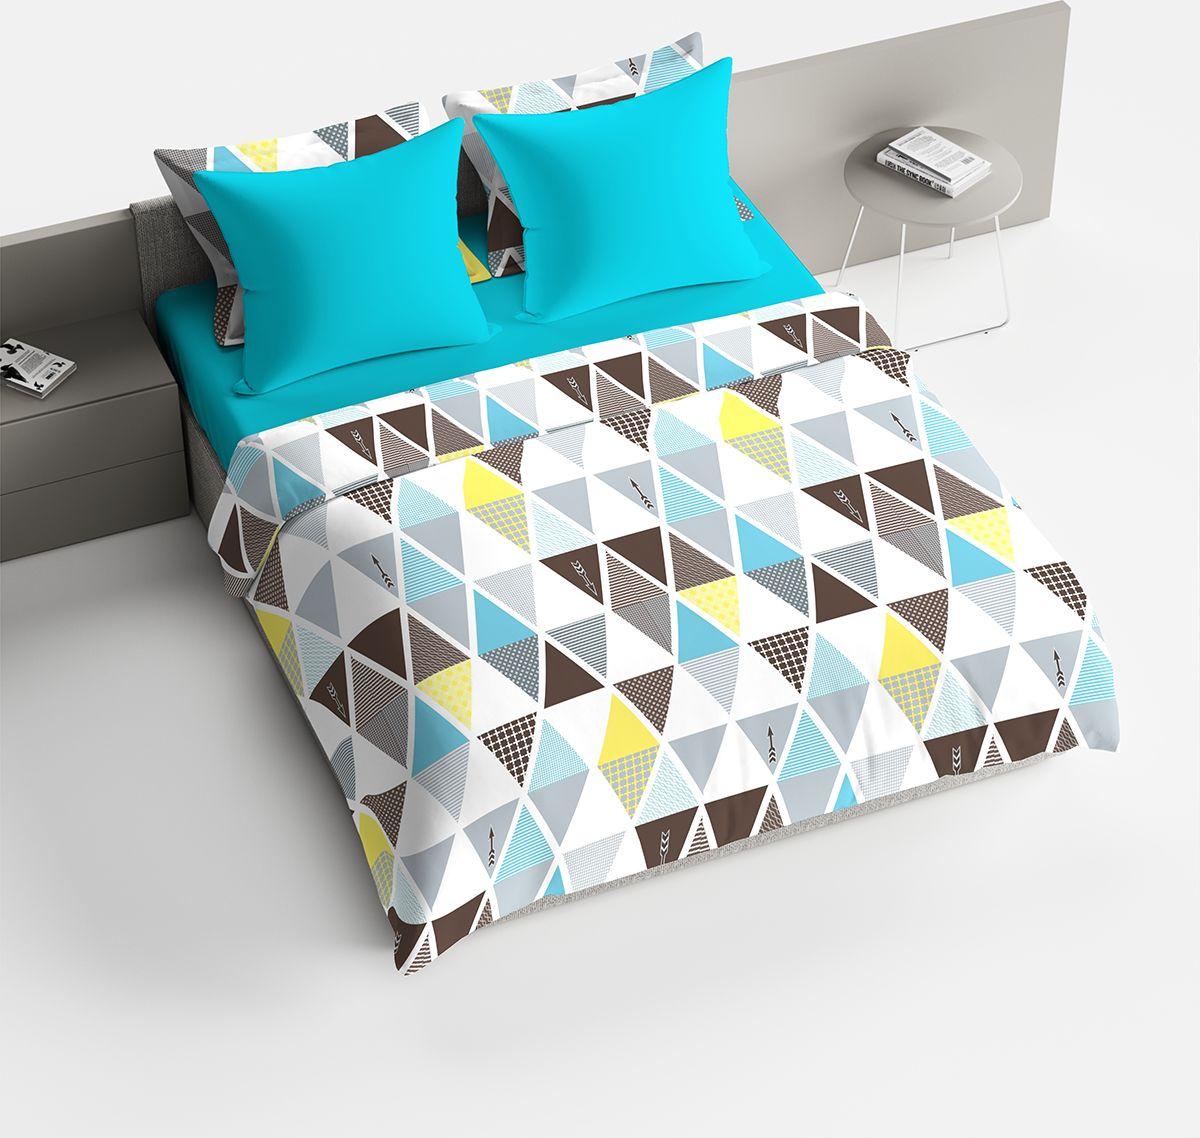 Комплект белья Браво Леонард, cемейный, наволочки 70x70, цвет: голубой391602Комплекты постельного белья из ткани LUX COTTON (высококачественный поплин), сотканной из длинноволокнистого египетского хлопка, созданы специально для людей с оригинальным вкусом, предпочитающим современные решения в интерьере. Обновленная стильная упаковка делает этот комплект отличным подарком. • Равноплотная ткань из 100% хлопка;• Обработана по технологии мерсеризации и санфоризации;• Мягкая и нежная на ощупь;• Устойчива к трению;• Обладает высокими показателями гигроскопичности (впитывает влагу);• Выдерживает частые стирки, сохраняя первоначальные цвет, форму и размеры;• Безопасные красители ведущего немецкого производителя BEZEMA